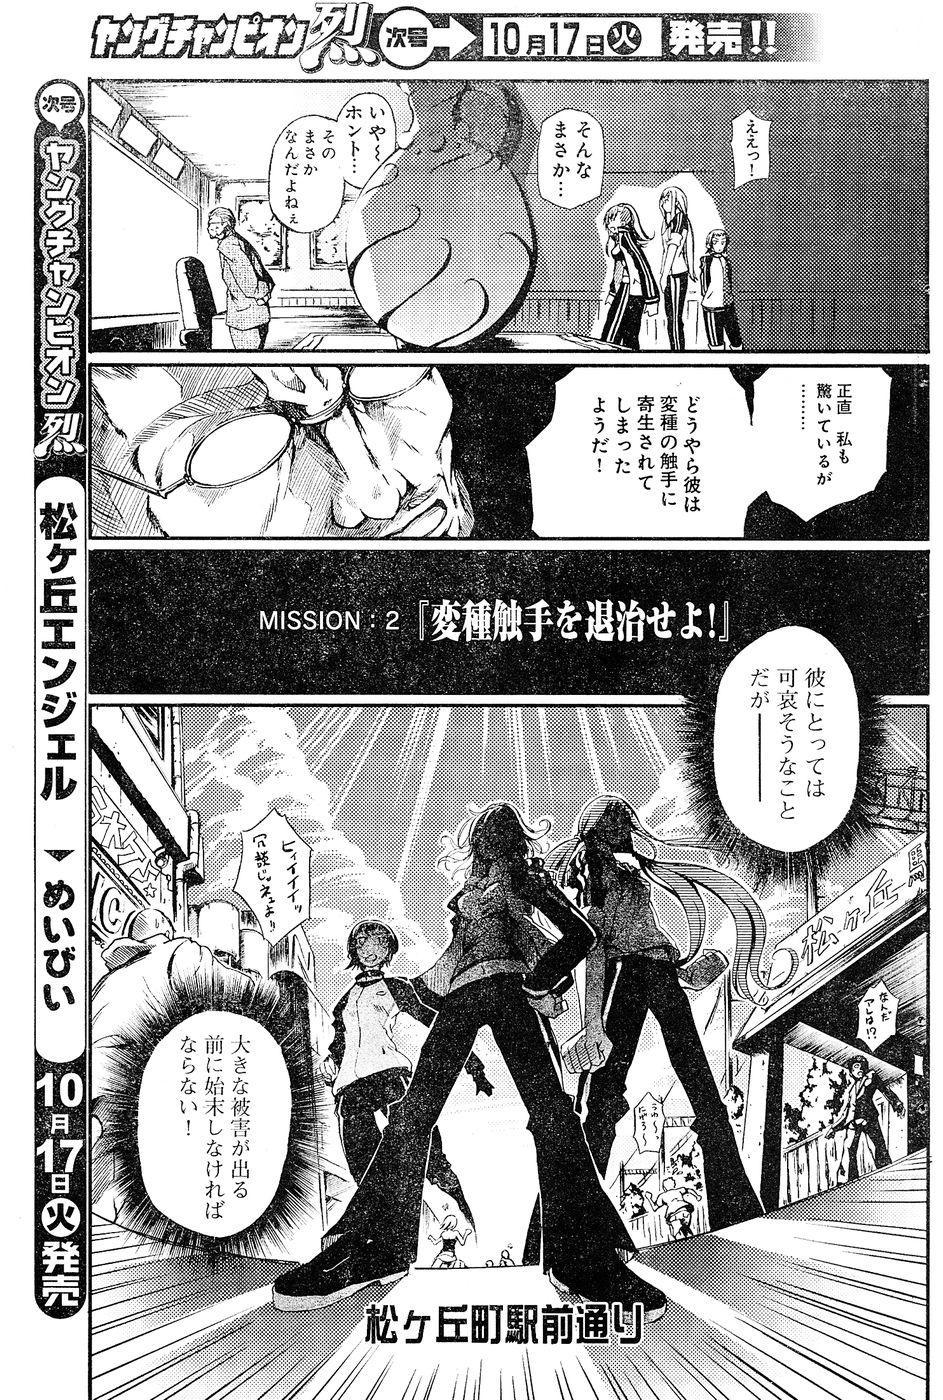 Young Champion Retsu Vol.02 148